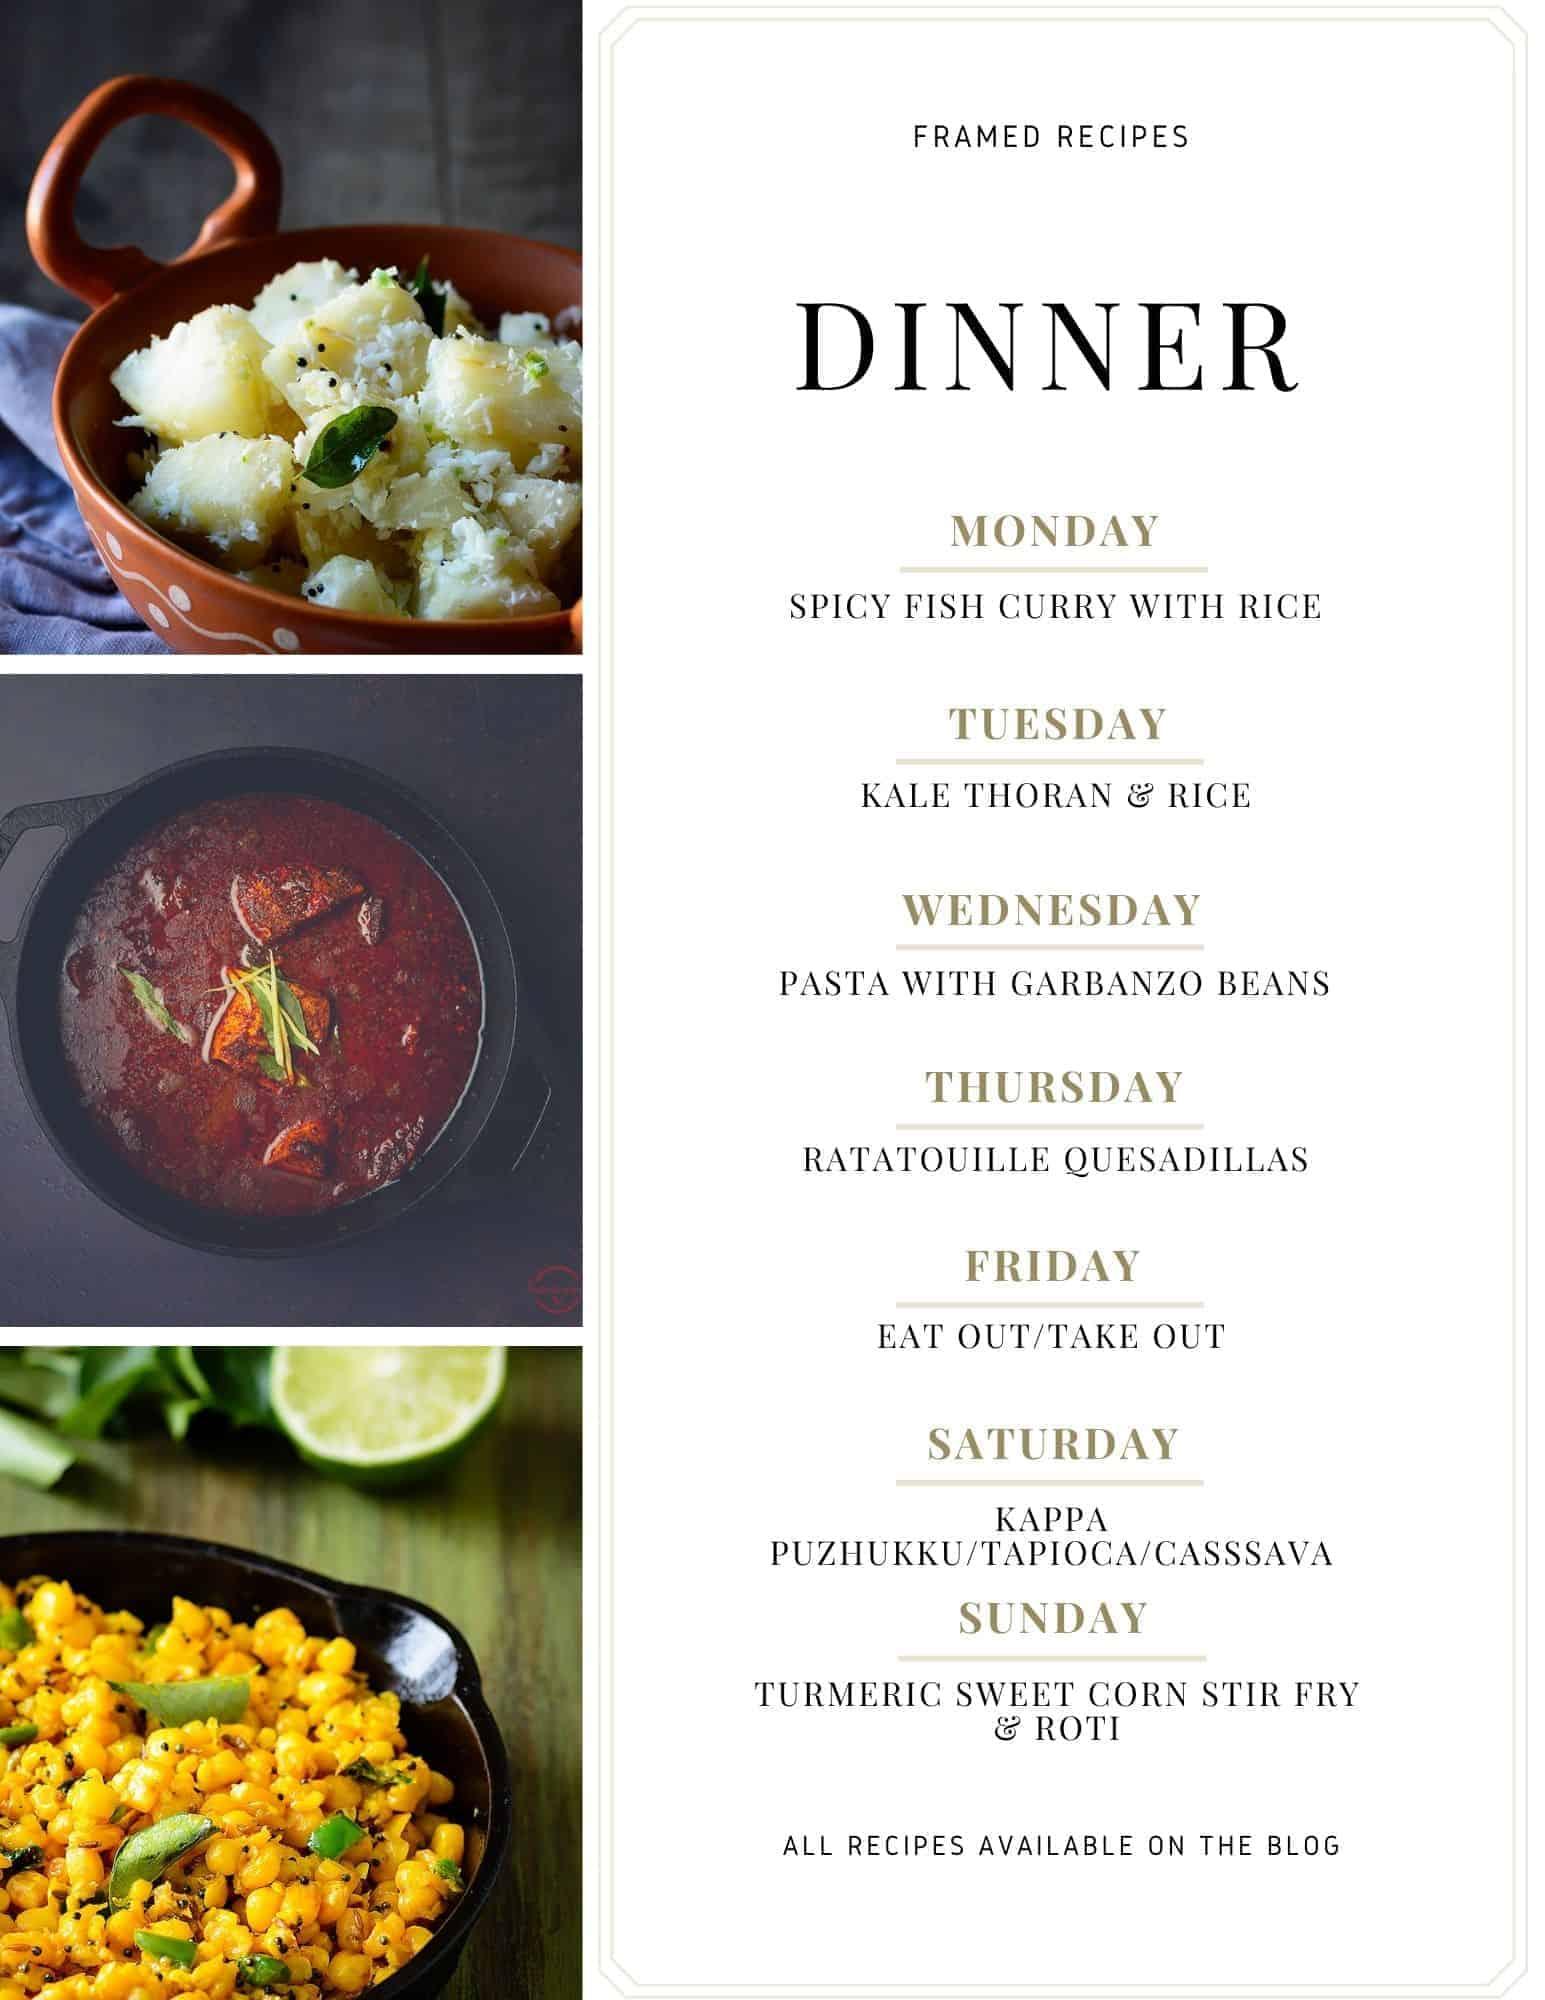 Framed Recipes Weekly Meal Plan Number 3 menu.